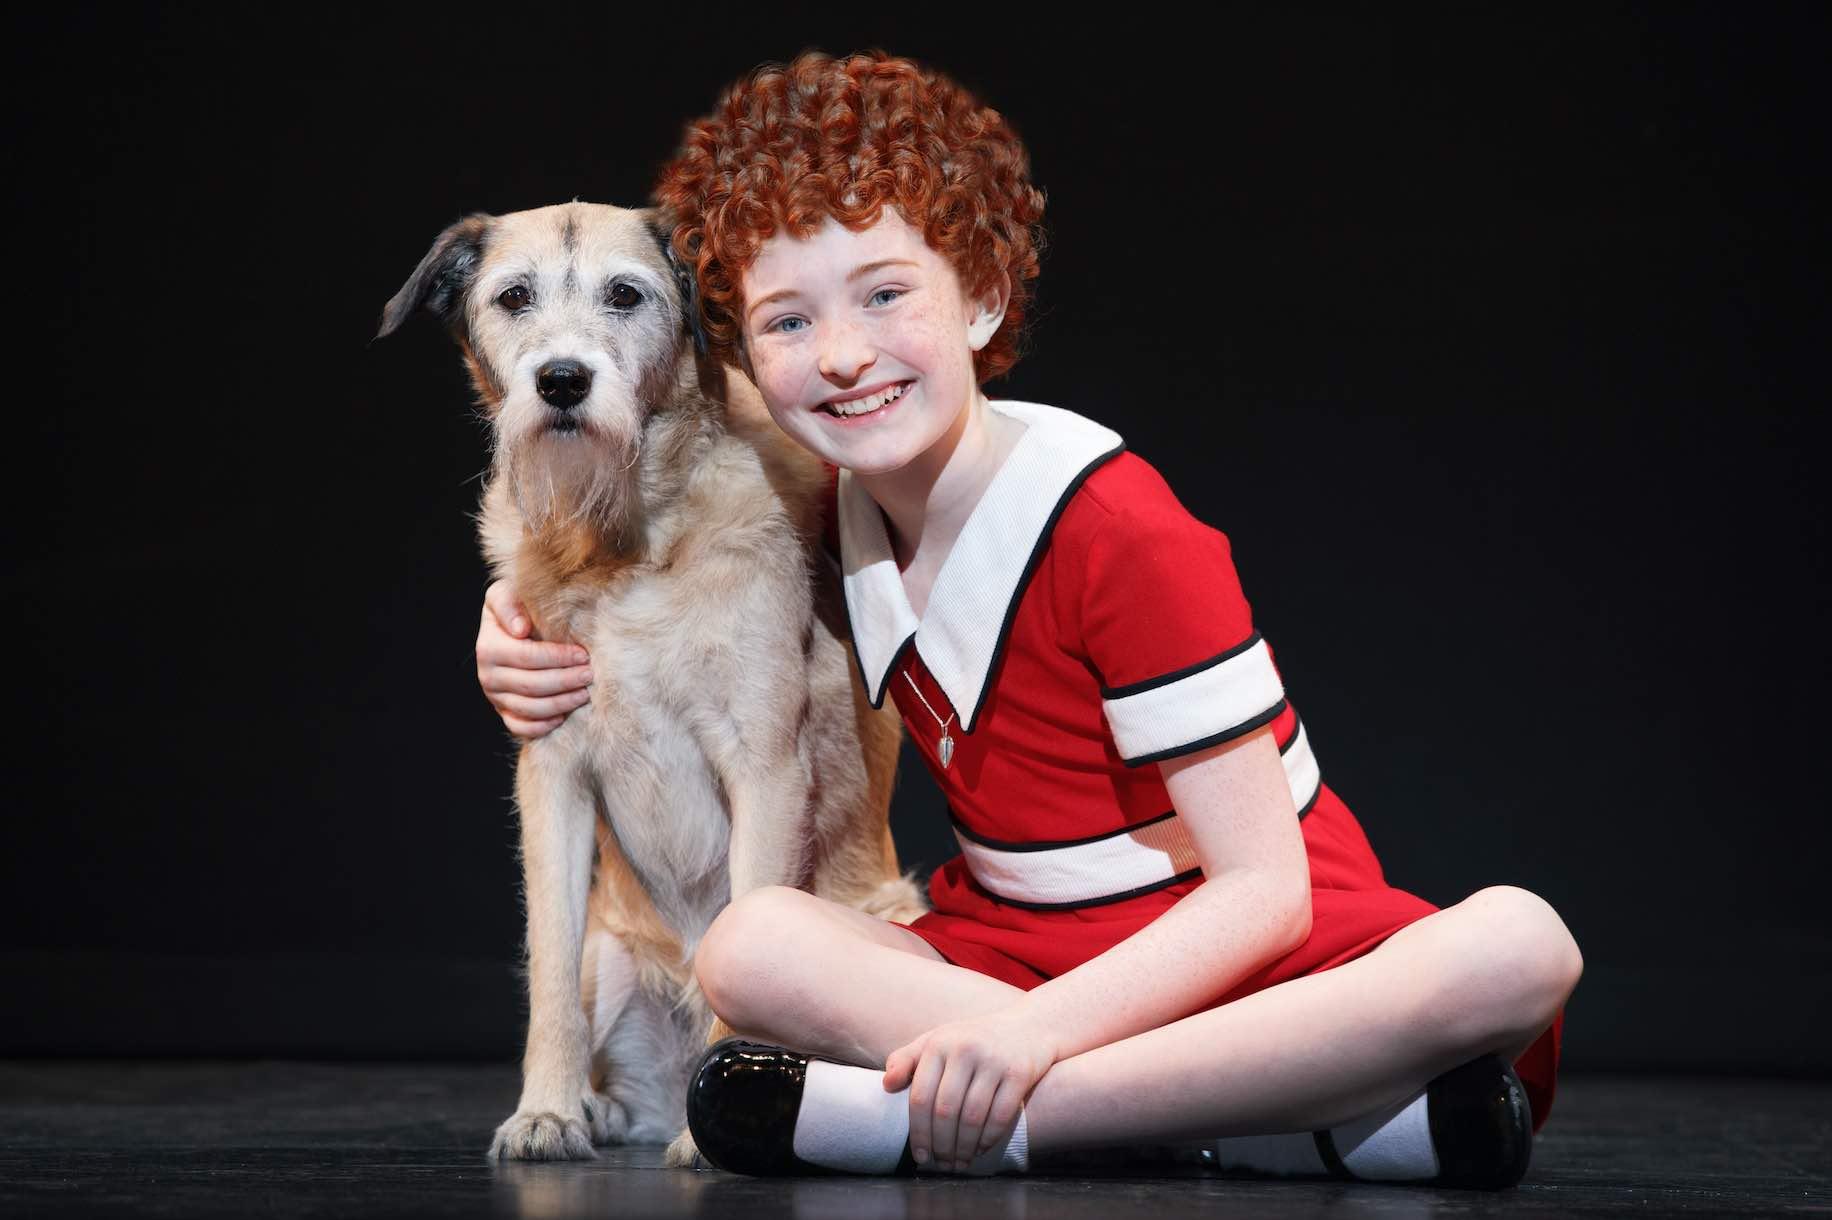 Annie With Her Dog - AspirantSG